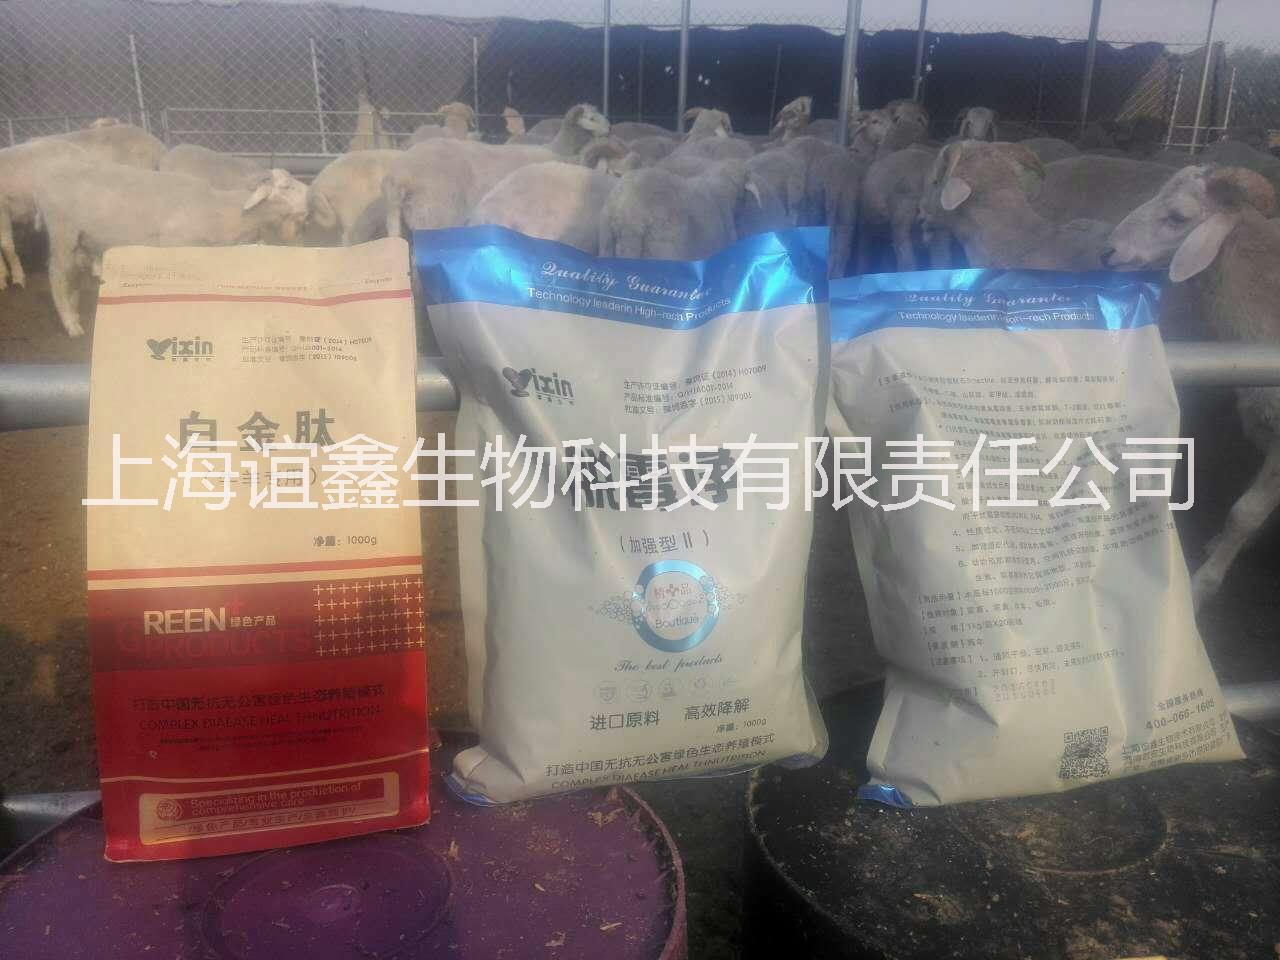 供应牛羊专用白金肽 牛羊催肥添加剂 无抗养殖  促进消化吸收